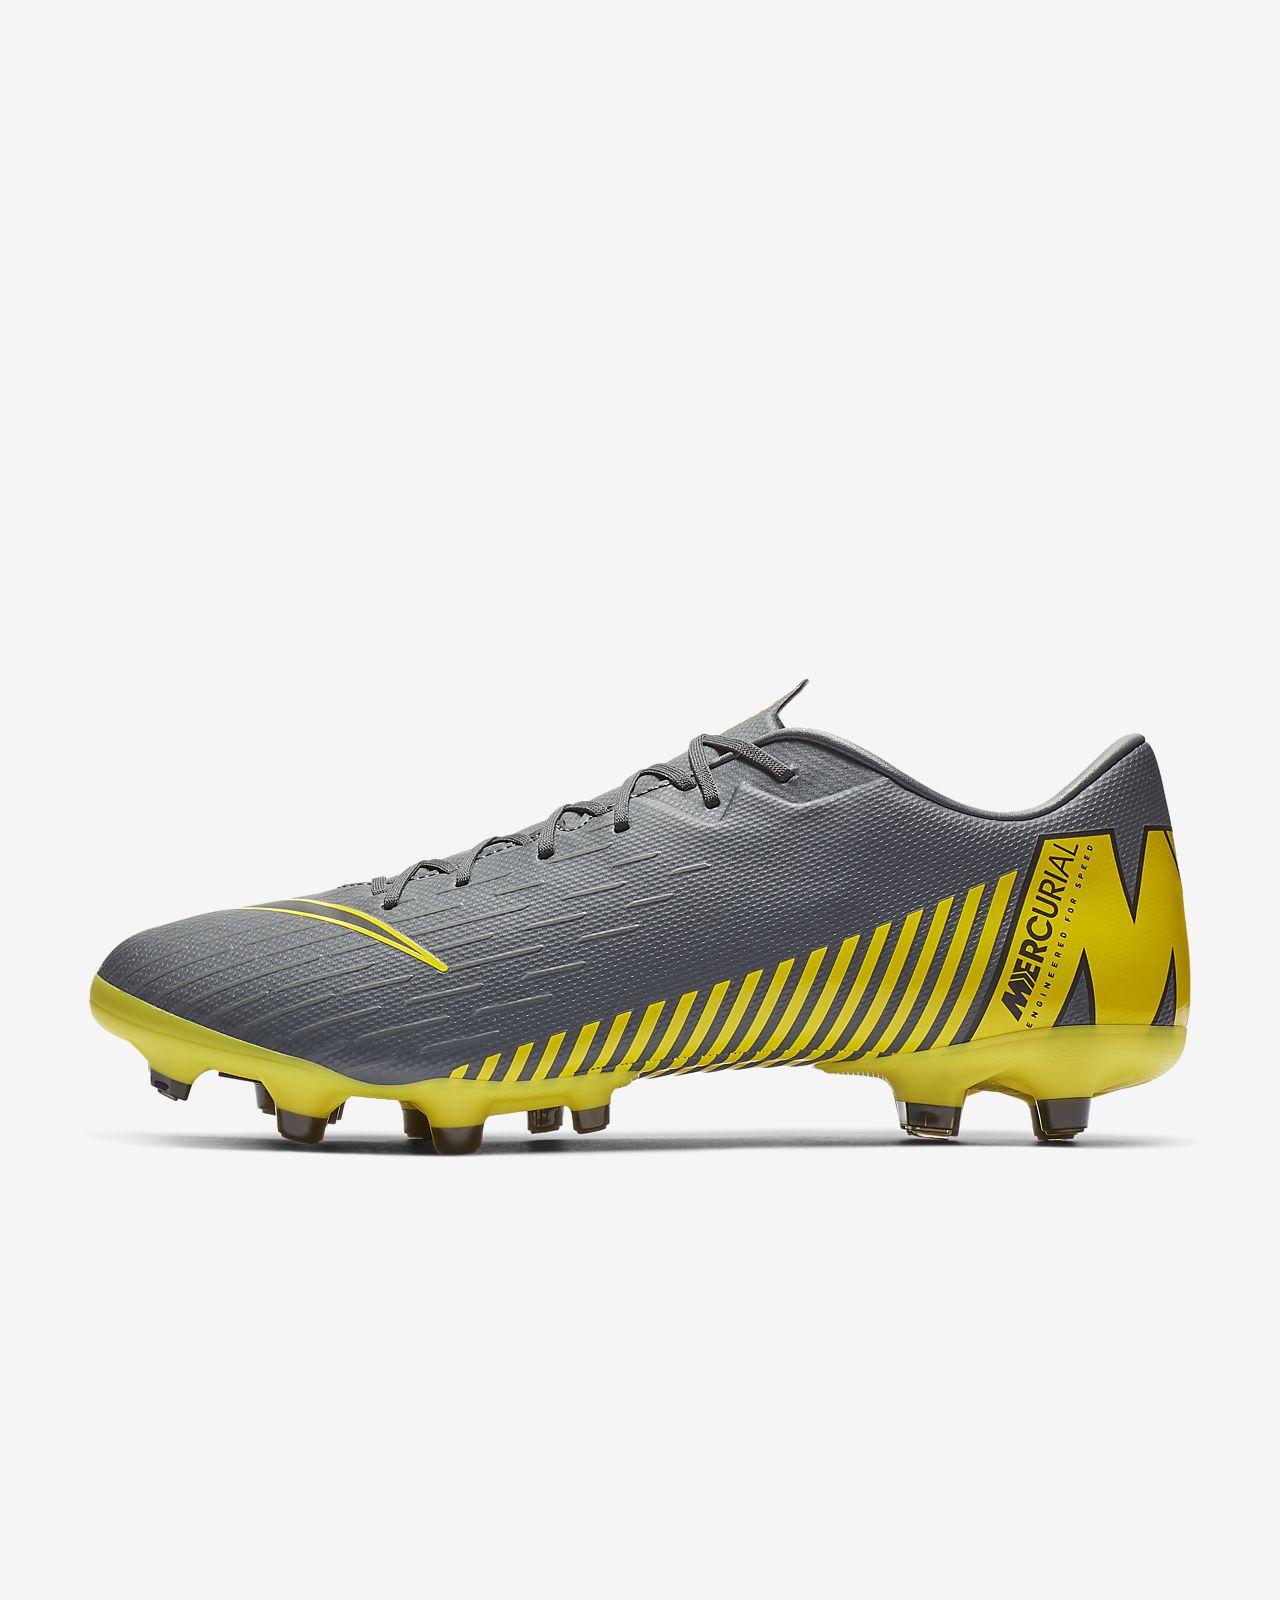 factory price edef1 f27d8 ... Nike Vapor 12 Academy MG Fußballschuh für verschiedene Böden